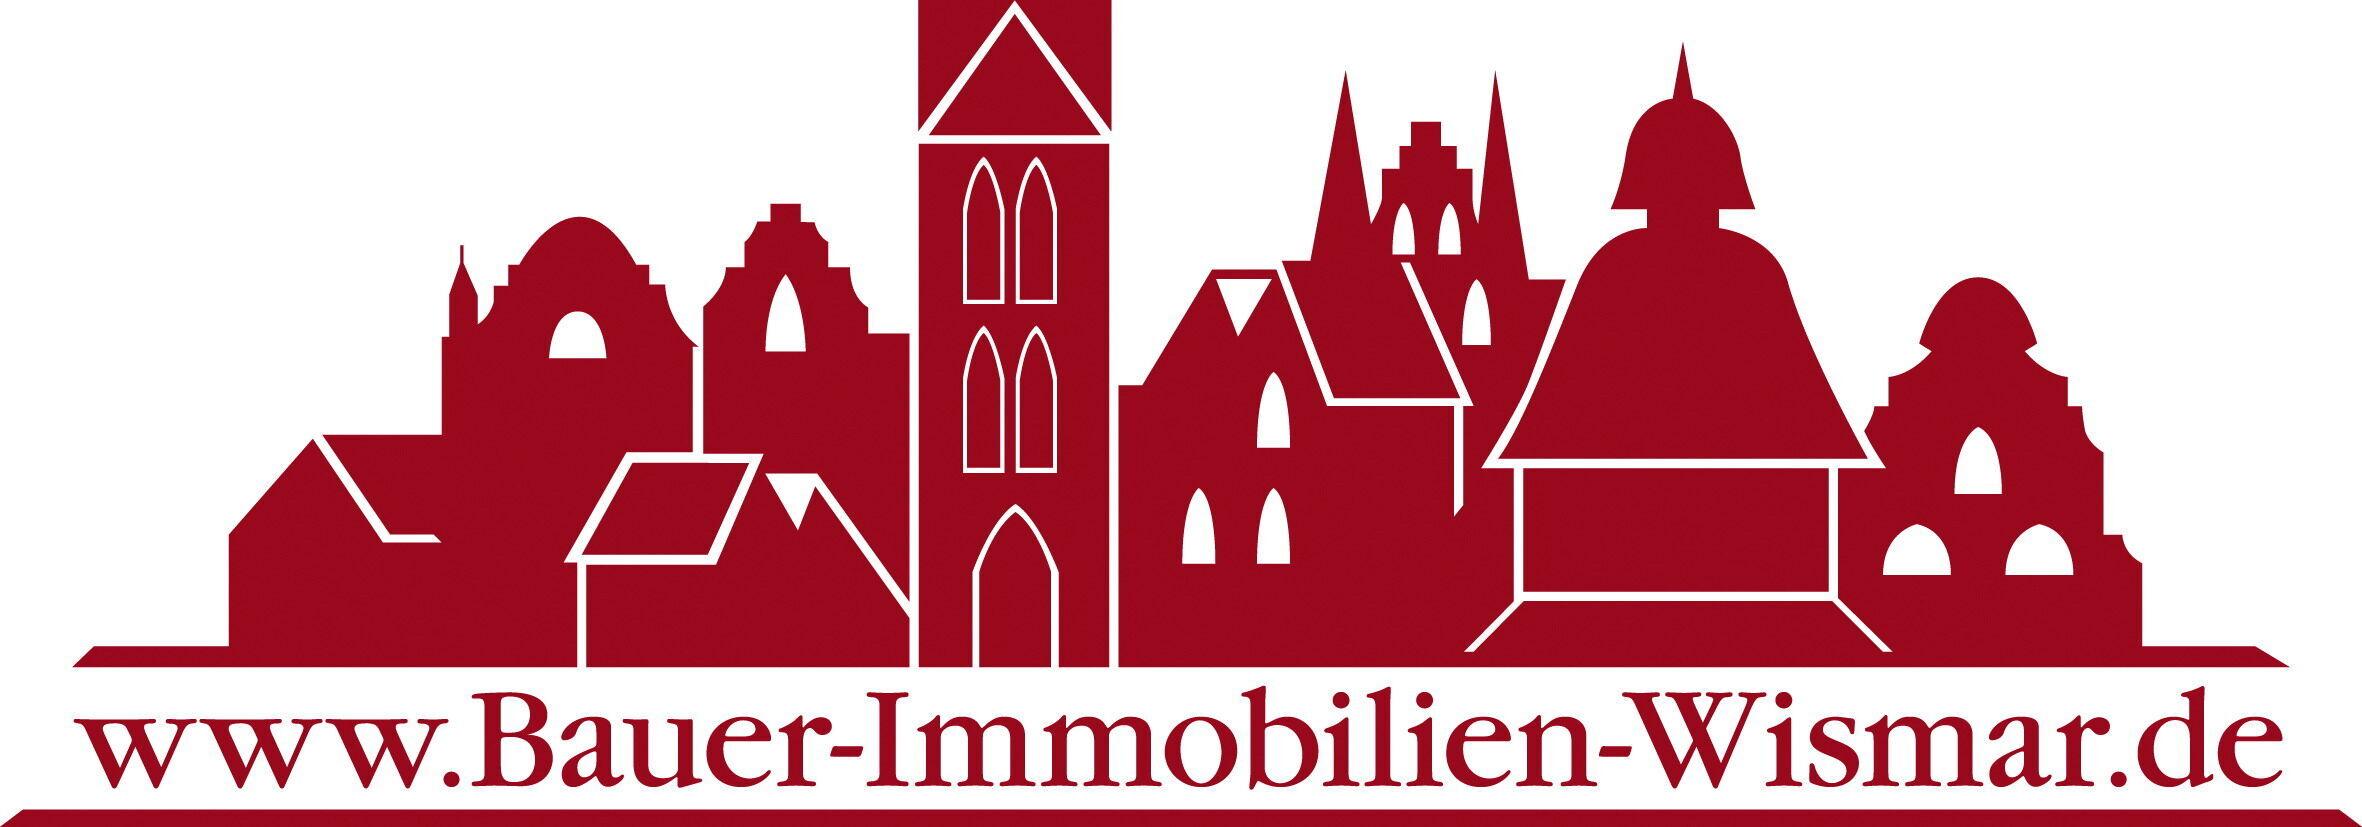 Sponsor - Bauer Immobilien Wismar